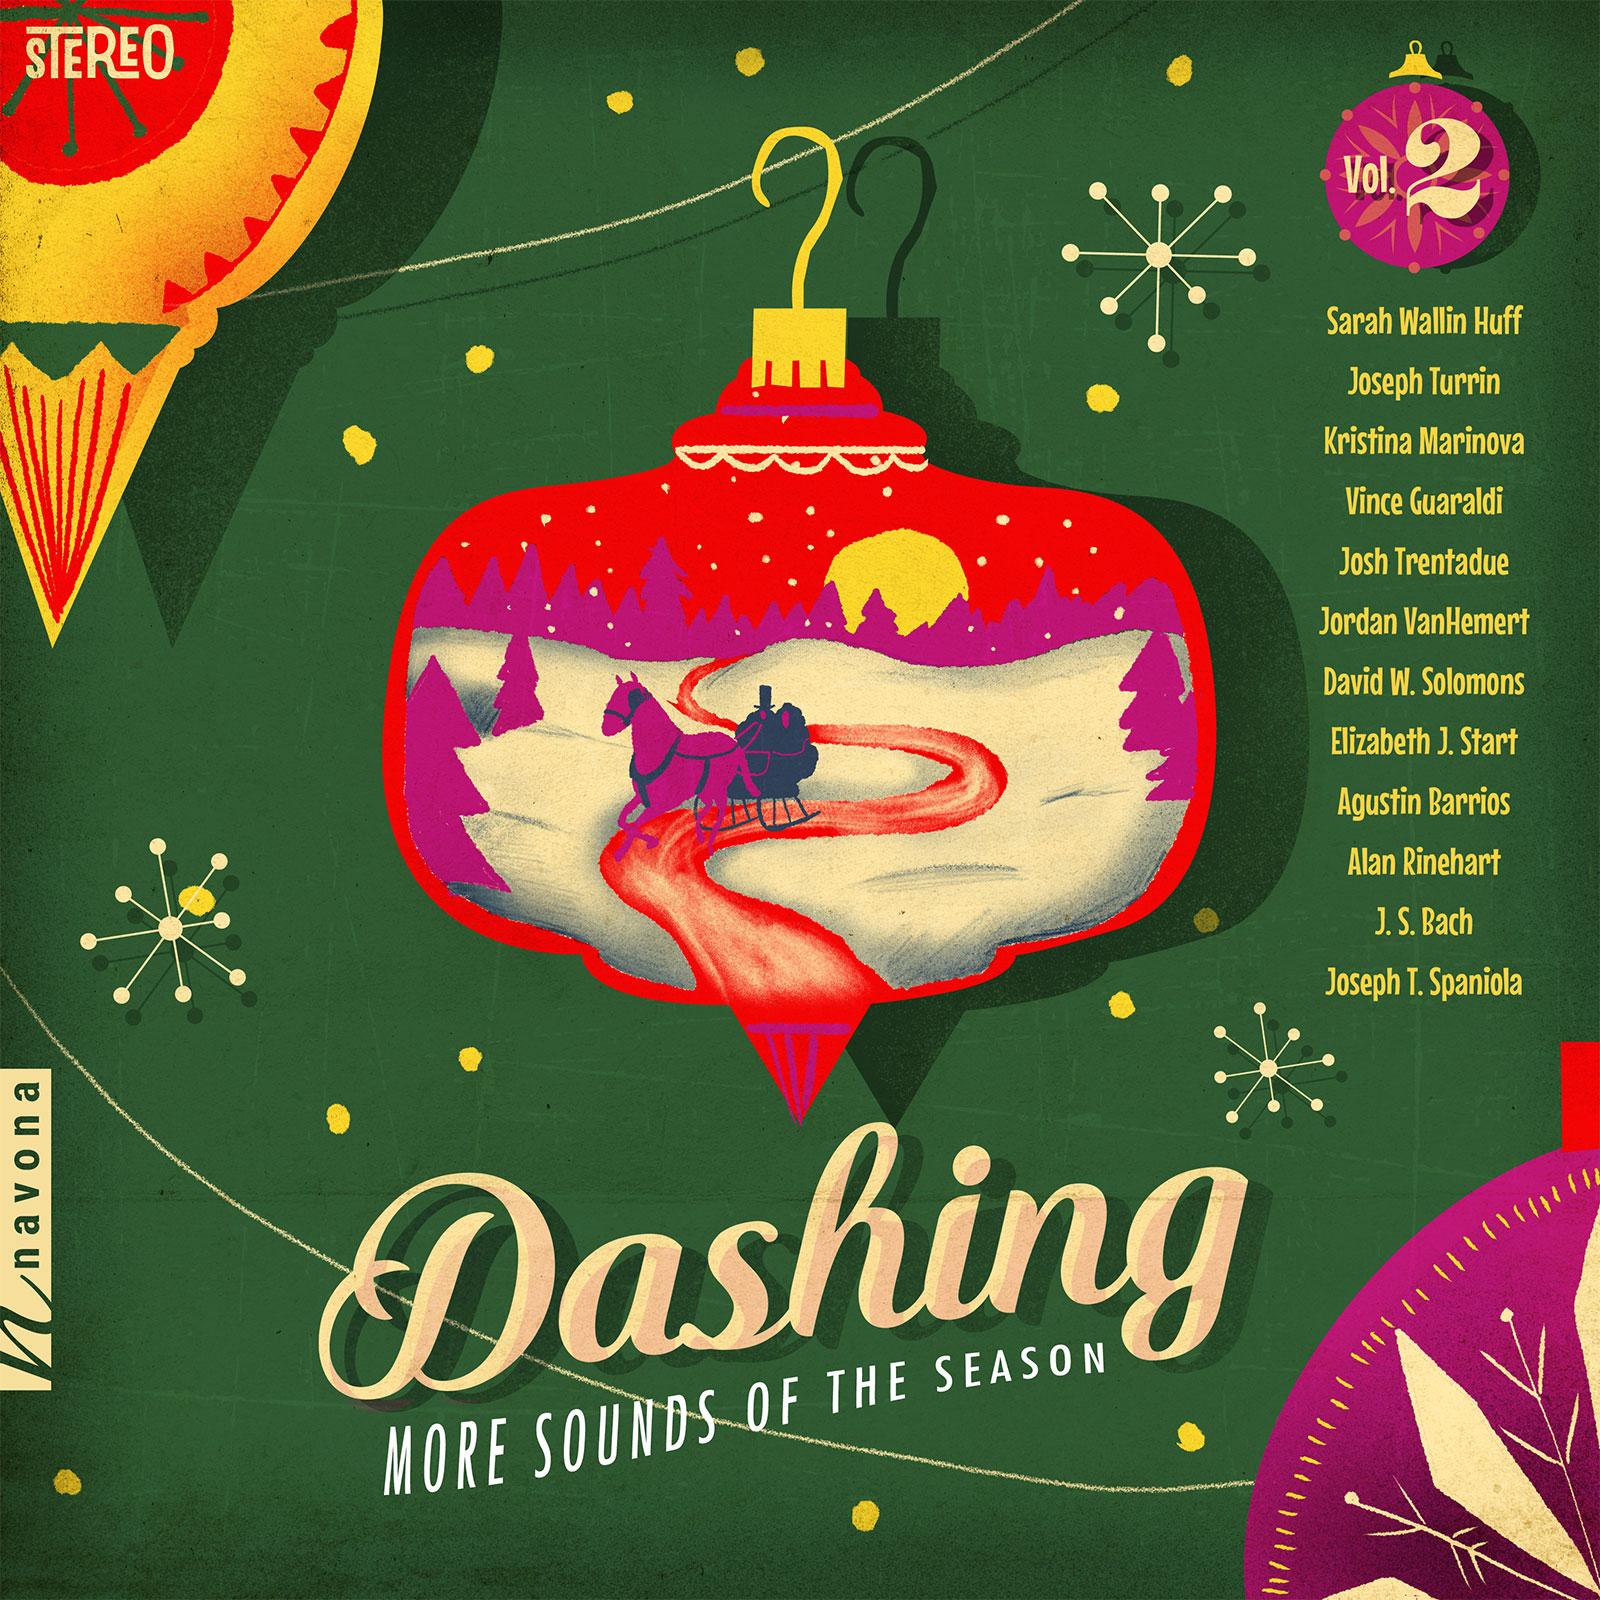 Dashing Vol. 2